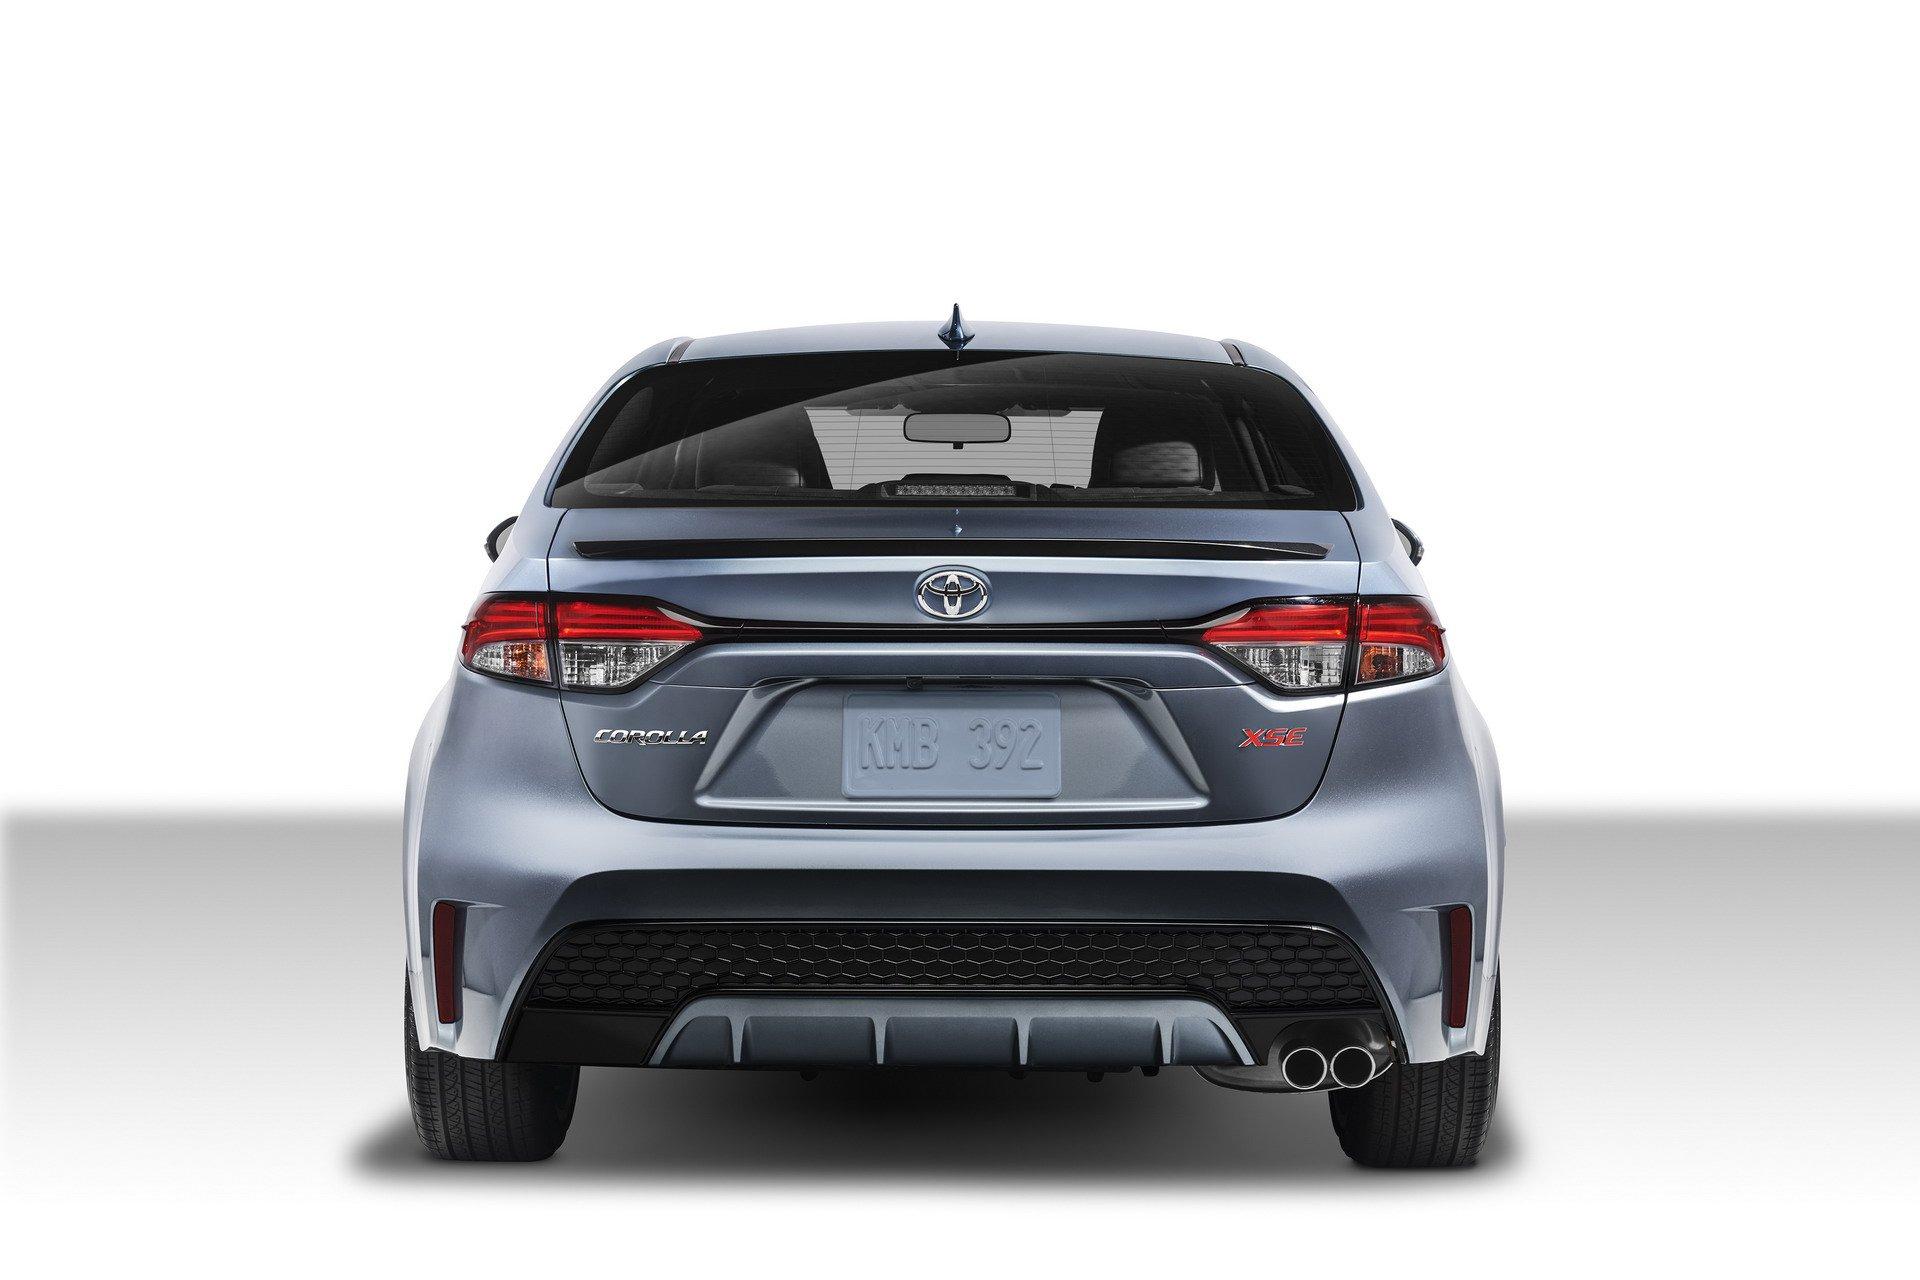 Photo Comparison 2020 Toyota Corolla Sedan Vs 2014